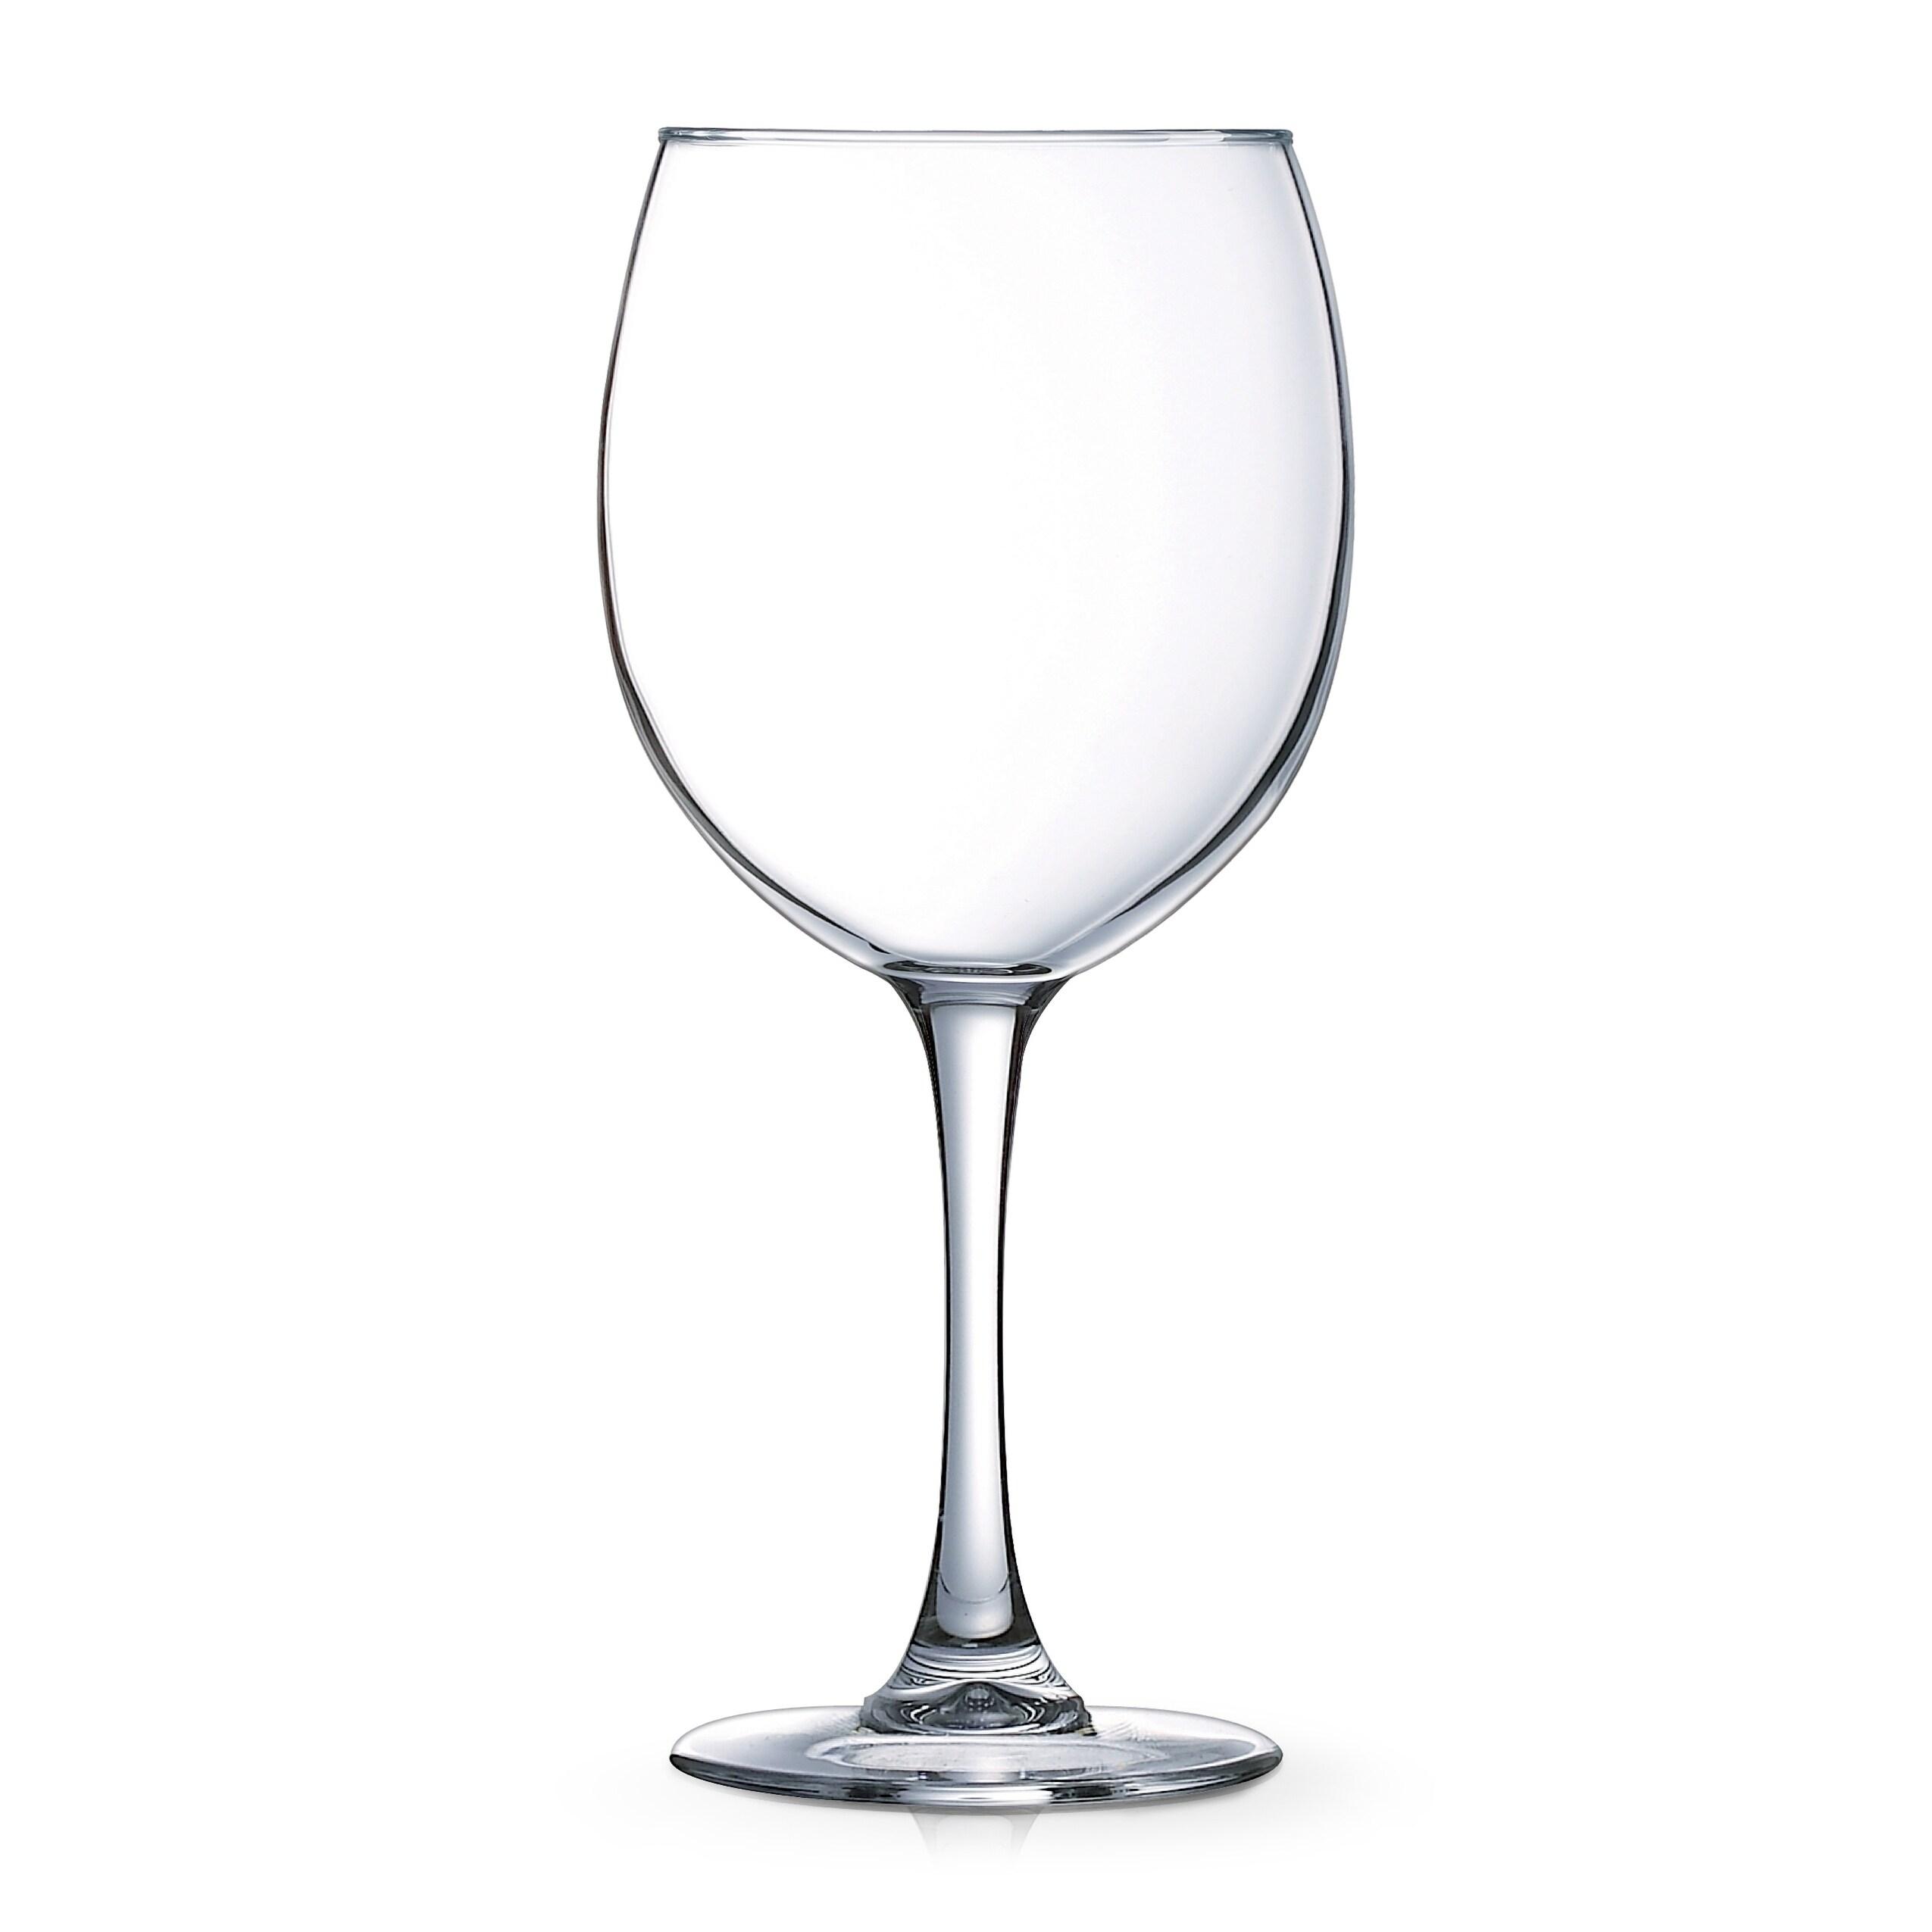 dfc44f05758 Luminarc Cachet 20.5 Ounce Balloon Wine Glass, Set of 4